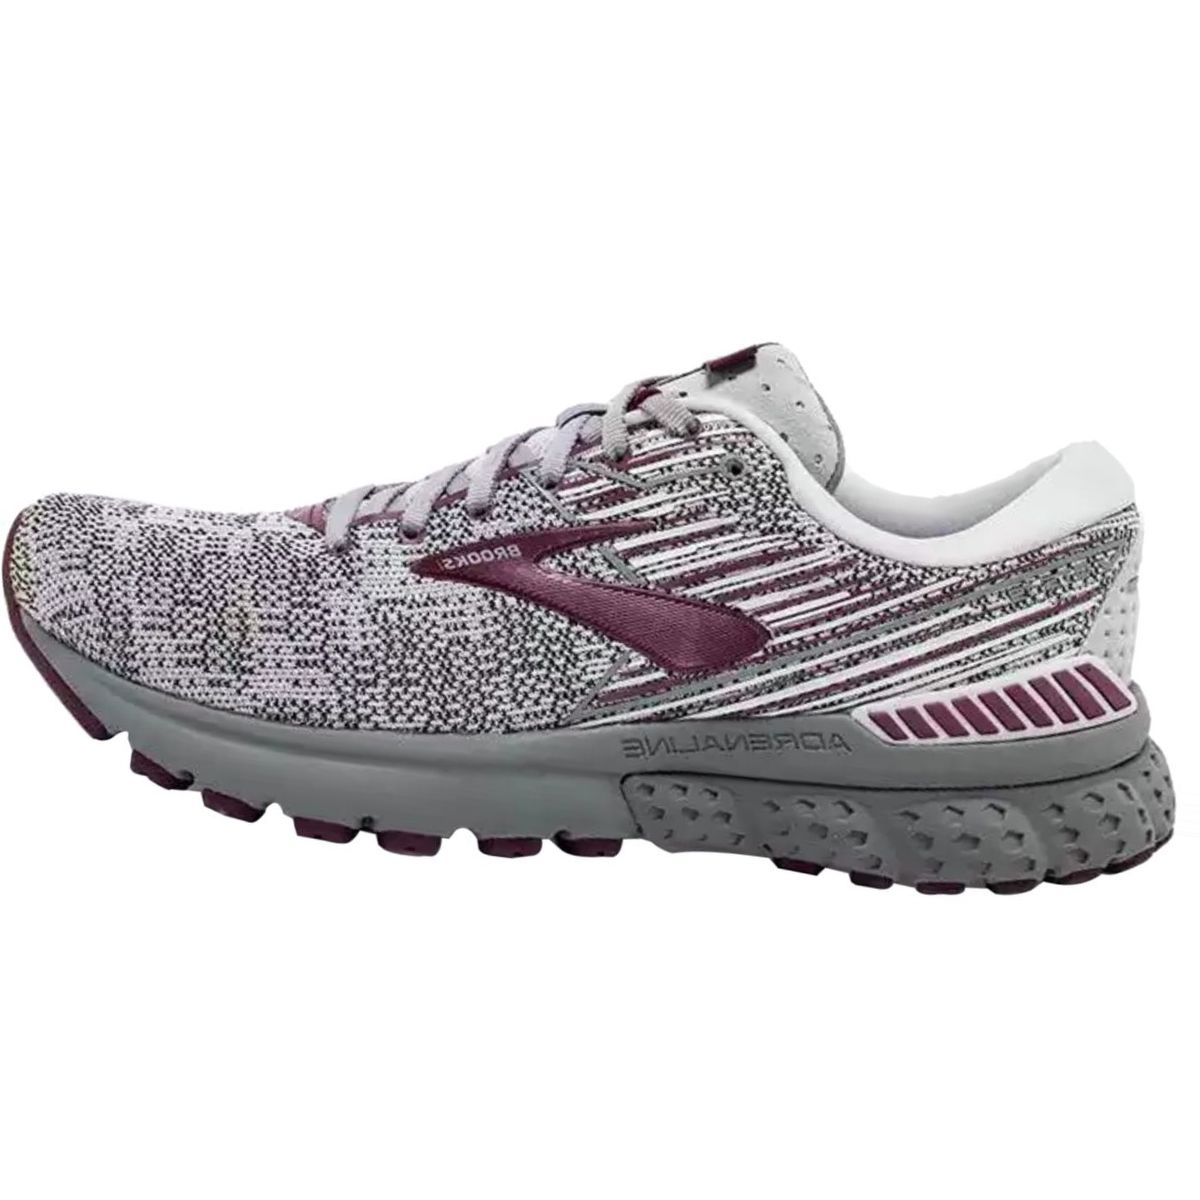 Brooks Adrenaline GTS 19 Running Shoe - Women's